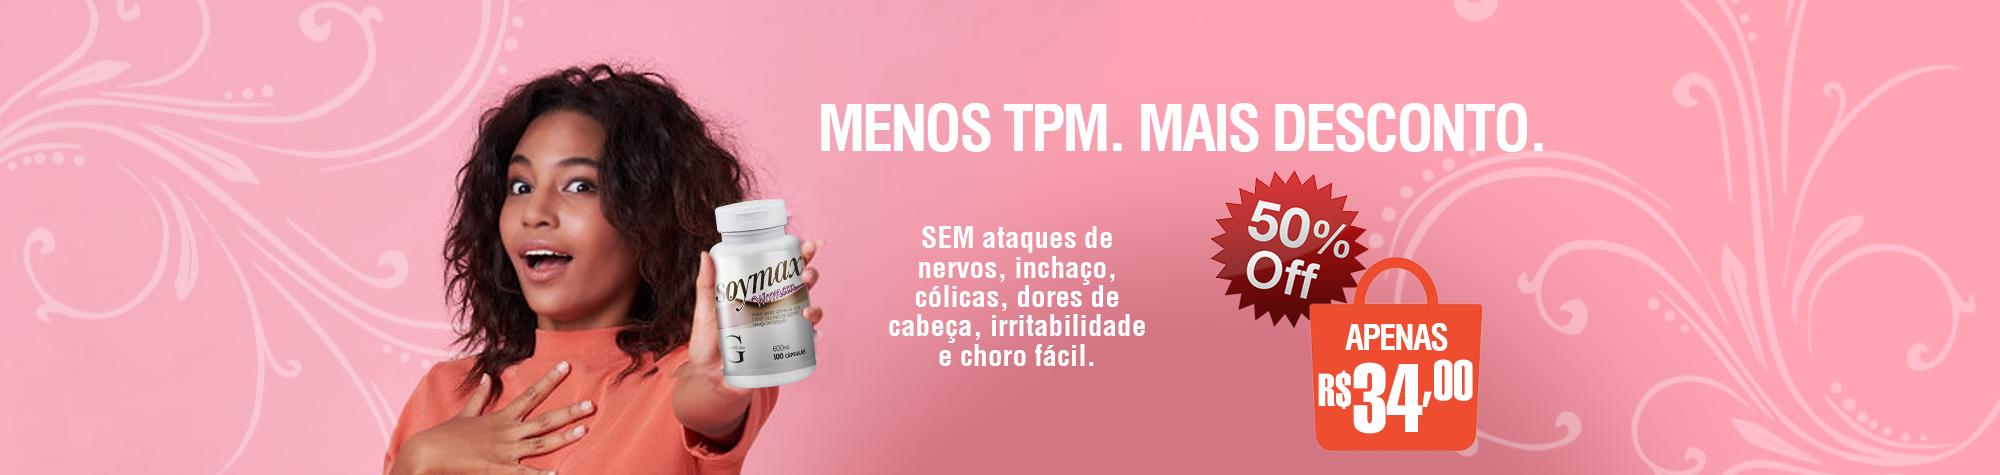 Para atenuar os efeitos da TPM e da menopausa, Soymax é 100%.